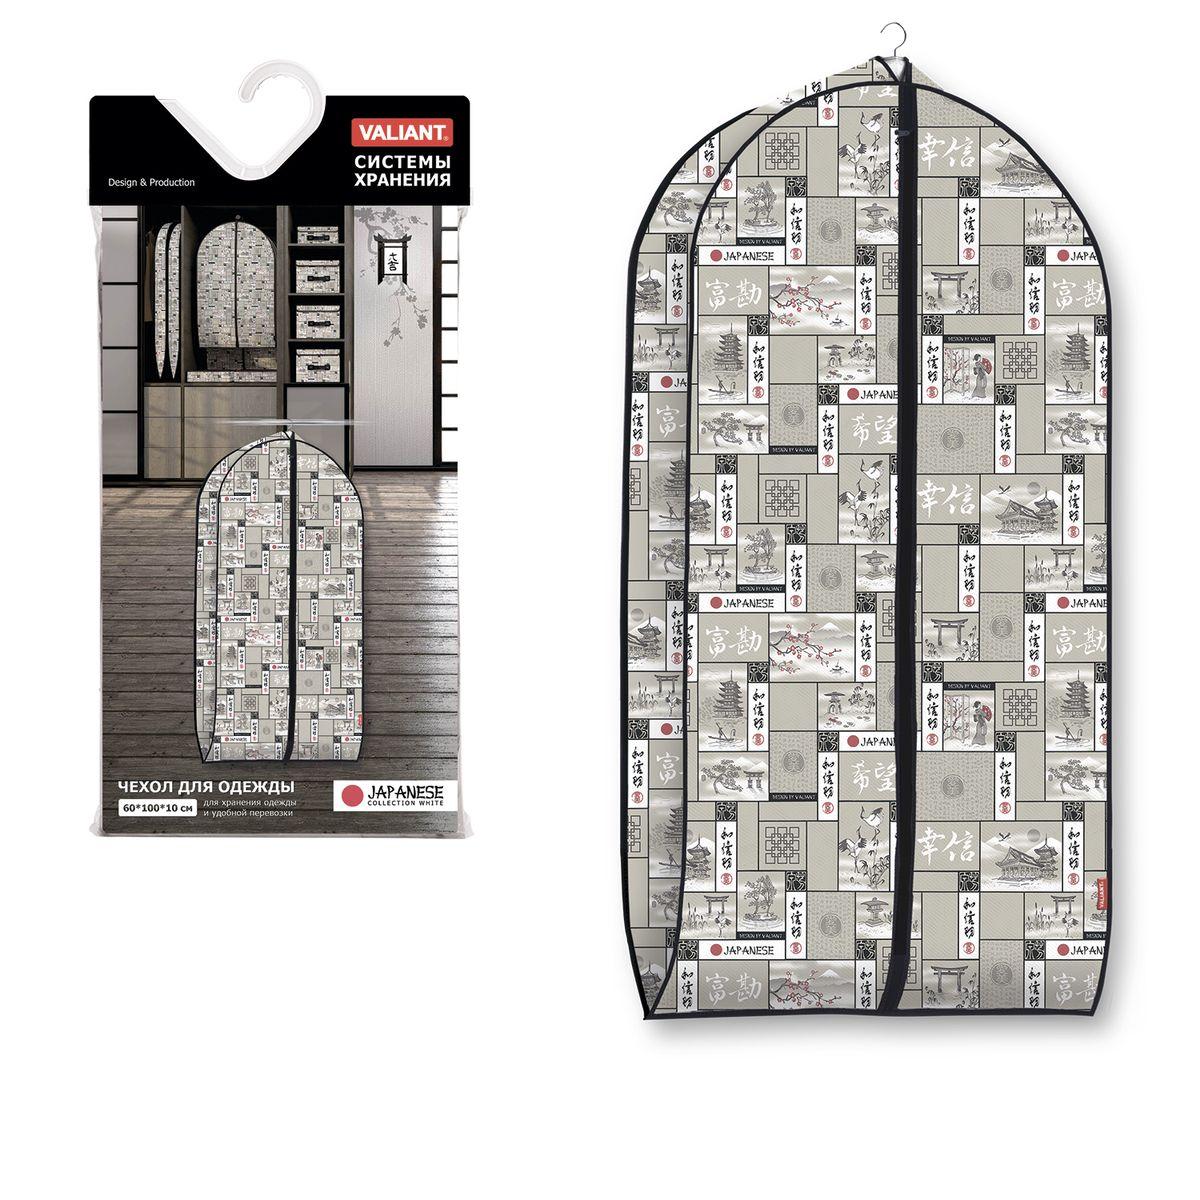 Чехол для одежды Valiant Japanese Black, объемный, 60 х 100 х 10 смES-412Чехол для одежды Valiant Japanese Black изготовлен из высококачественного нетканого материала (спанбонда), который обеспечивает естественную вентиляцию, позволяя воздуху проникать внутрь, но не пропускает пыль. Чехол очень удобен в использовании. Наличие боковой вставки увеличивает объем чехла, что позволяет хранить крупные объемные вещи. Чехол легко открывается и закрывается застежкой-молнией. Идеально подойдет для хранения одежды и удобной перевозки. Система хранения Japanese Black создаст трогательную атмосферу романтического настроения в женском гардеробе. Оригинальный дизайн придется по вкусу ценительницам эстетичного хранения. Системы хранения в едином дизайне сделают вашу гардеробную изысканной и невероятно стильной.